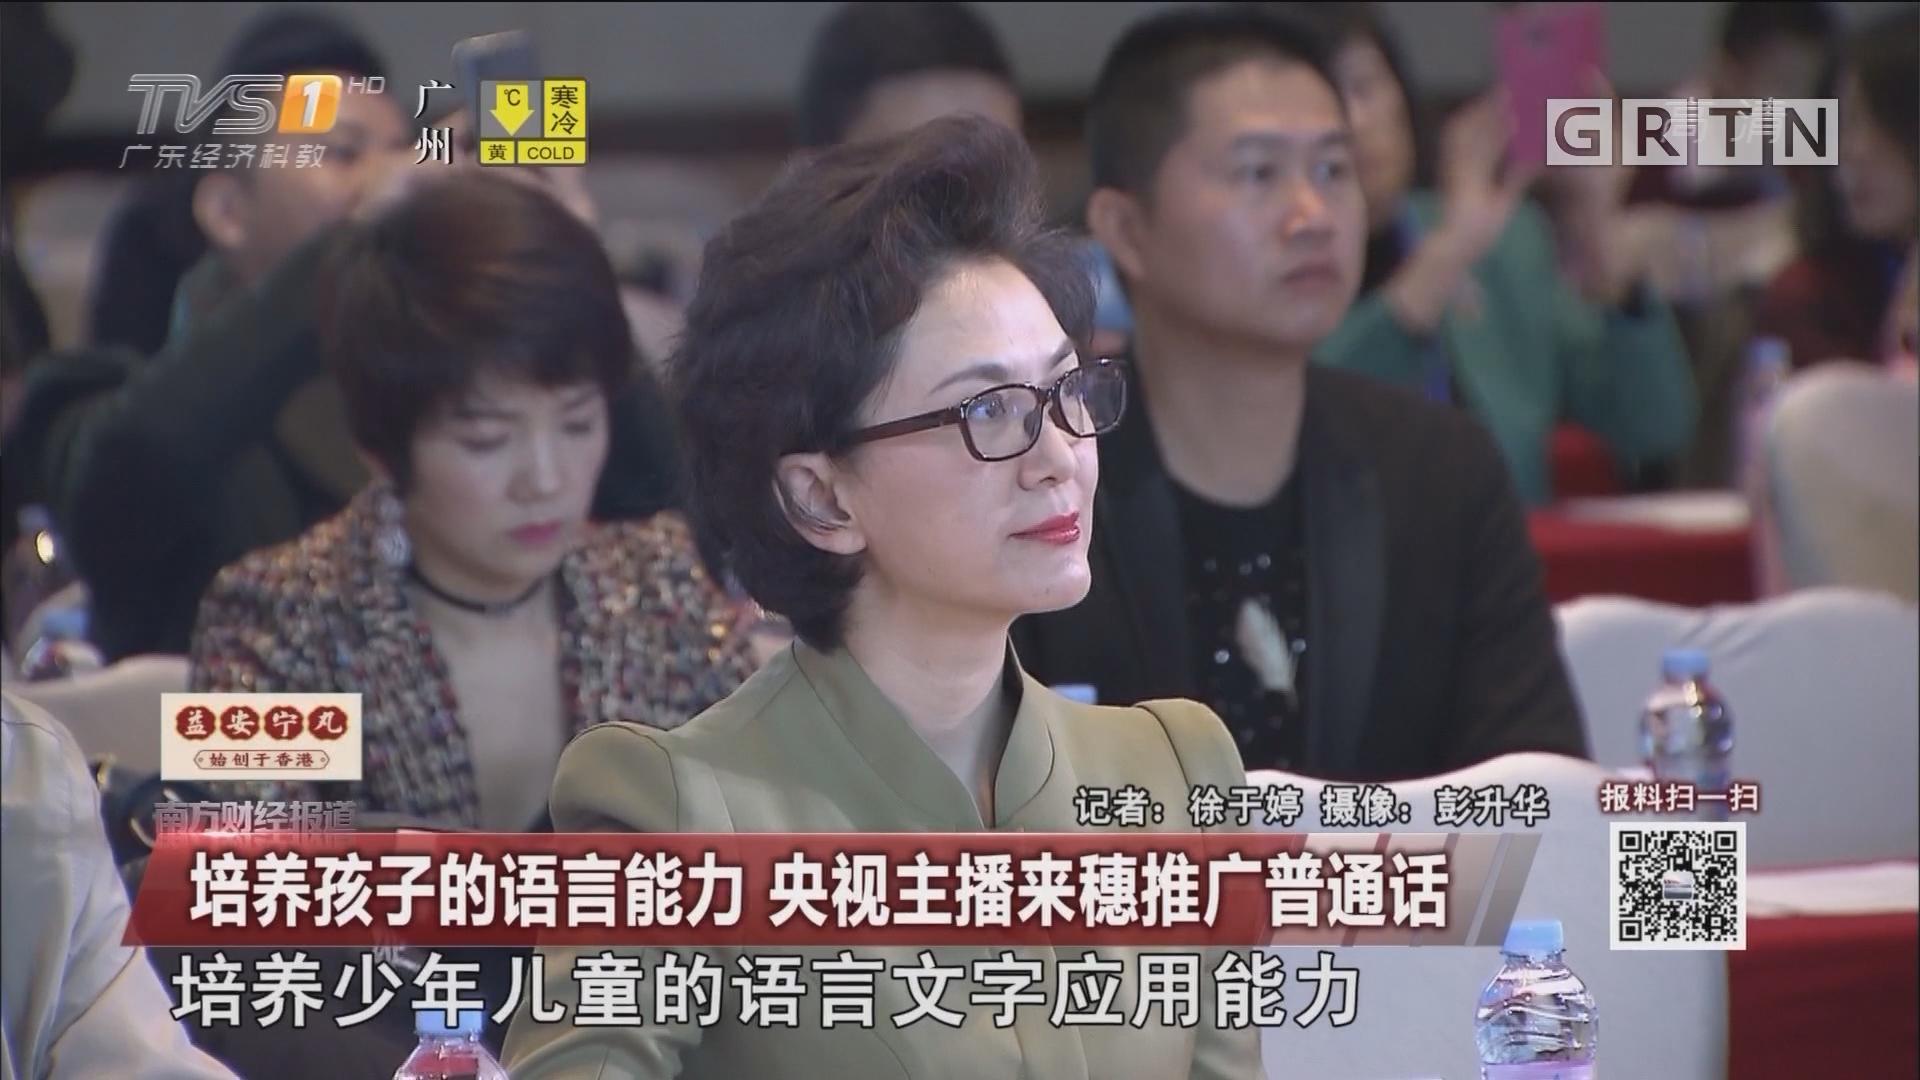 培养孩子的语言能力 央视主播来穗推广普通话